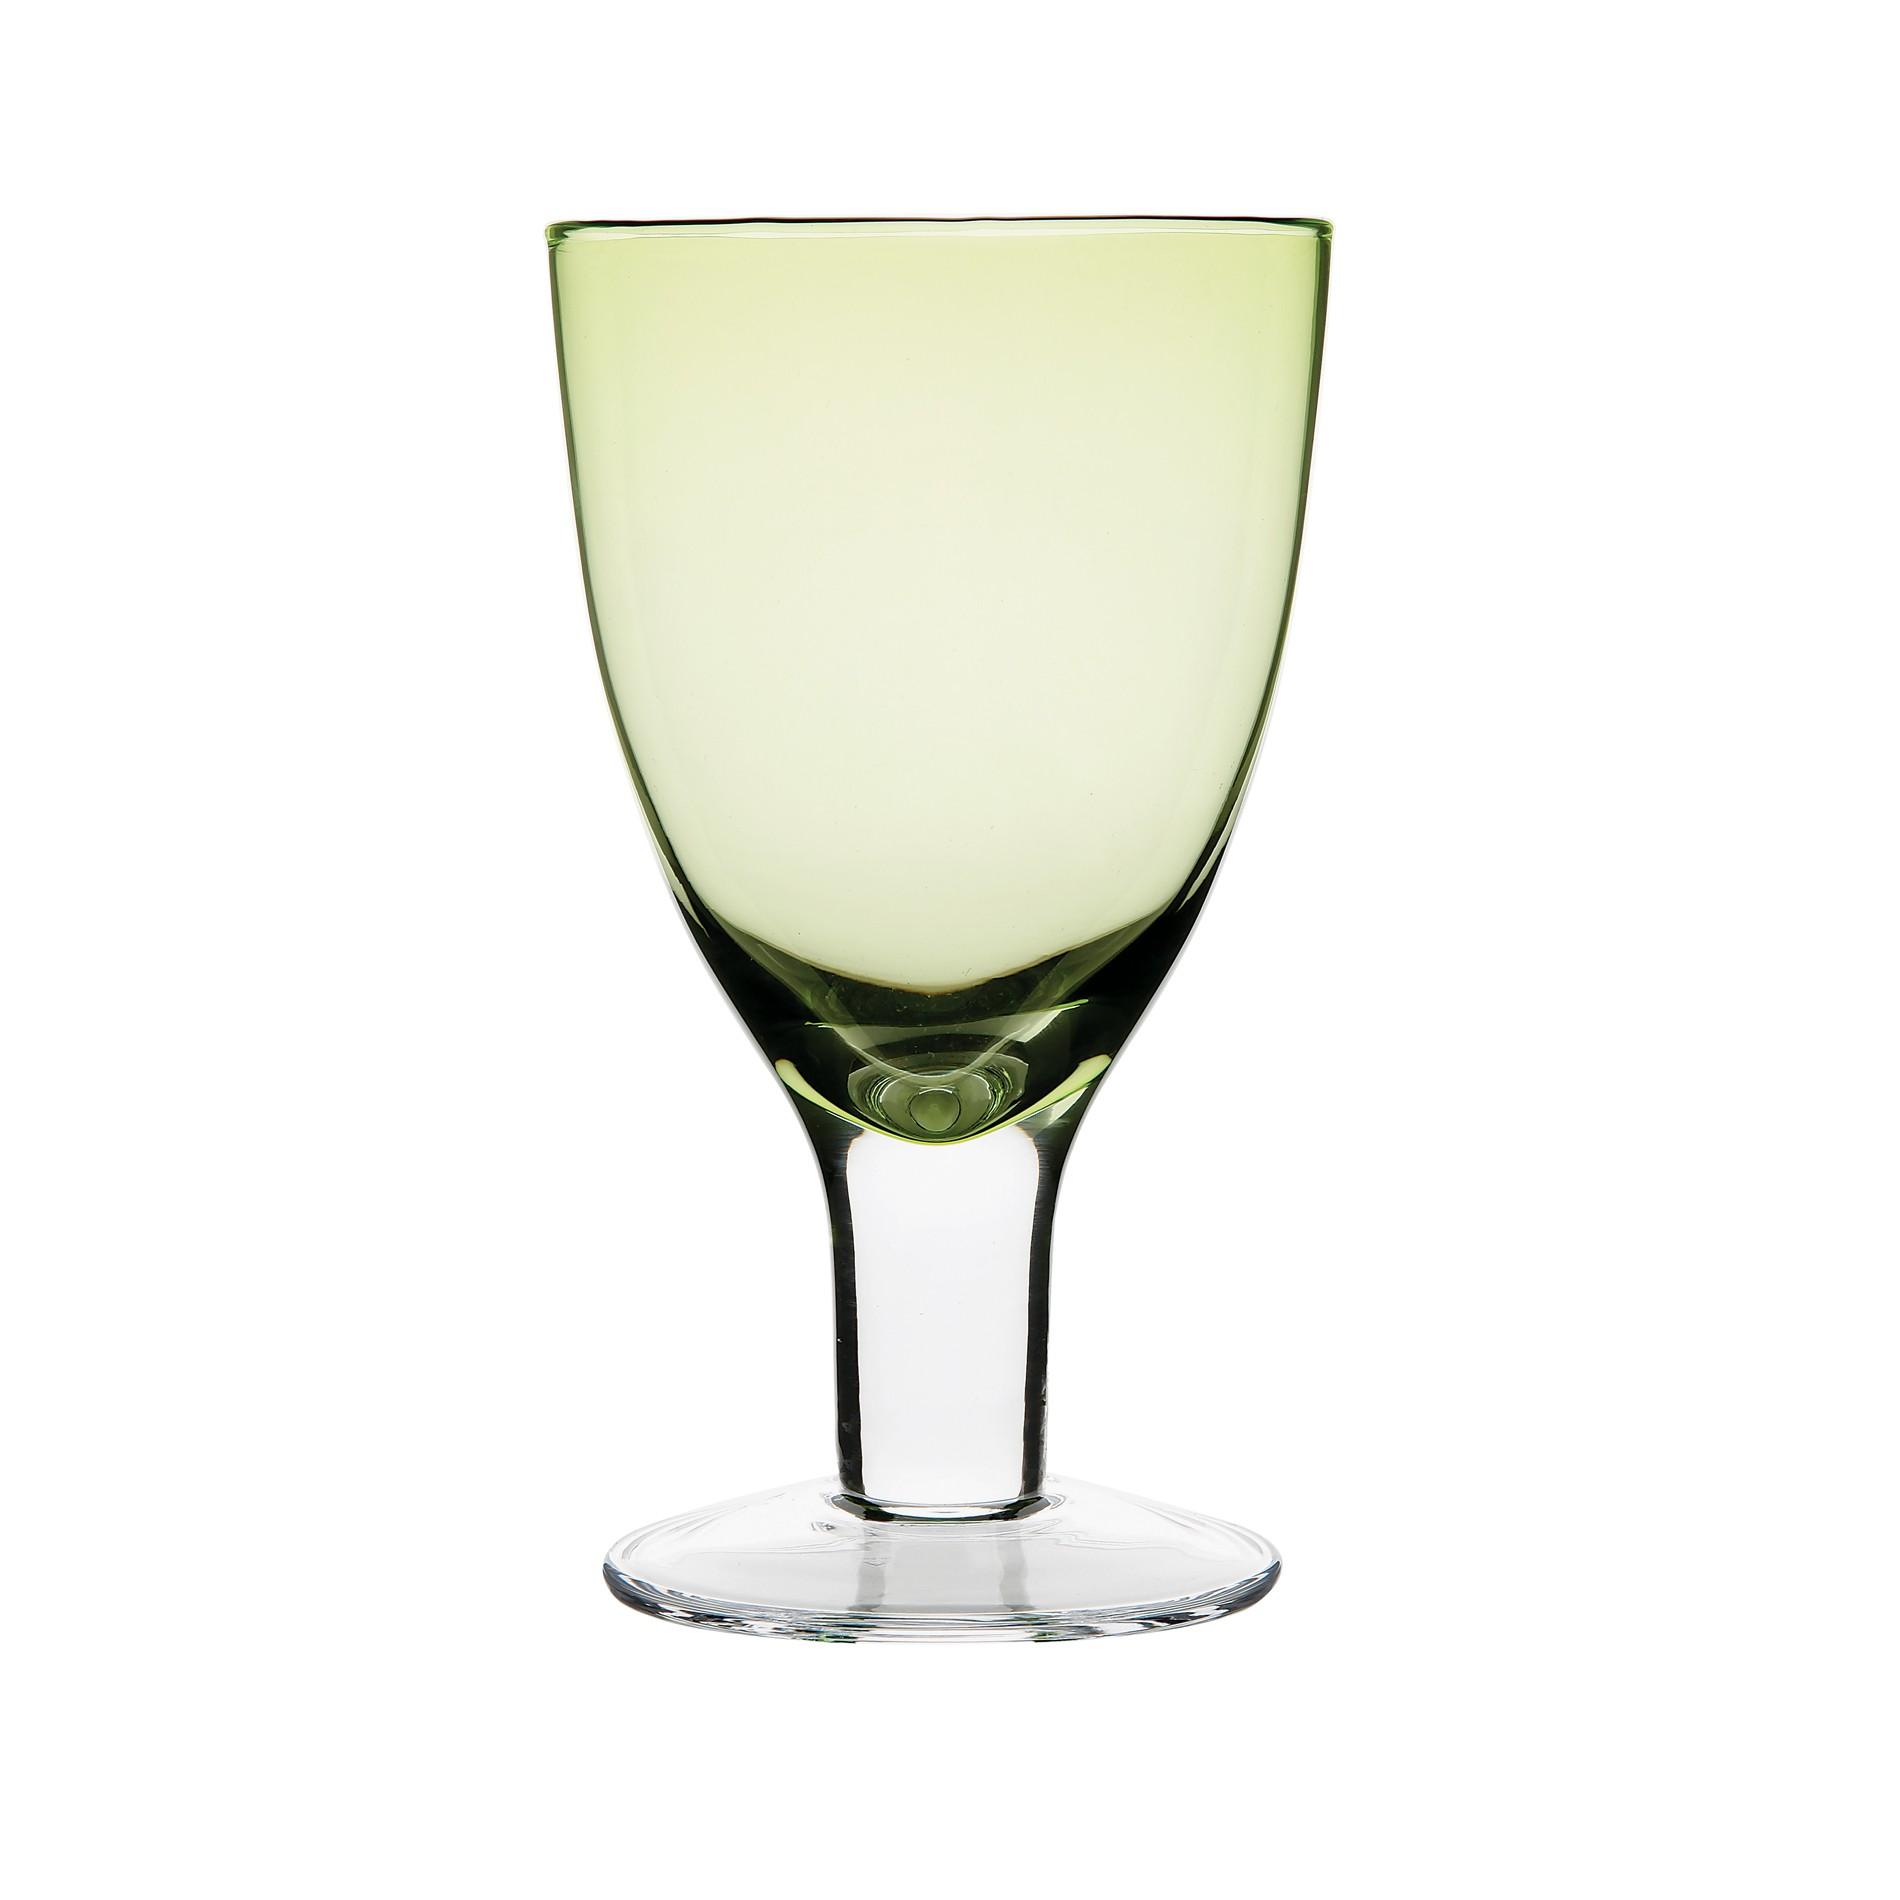 Ποτήρι Νερού Spring Σετ 6Τμχ Πράσινο 320ml Ionia home   ειδη σερβιρισματος   ποτήρια